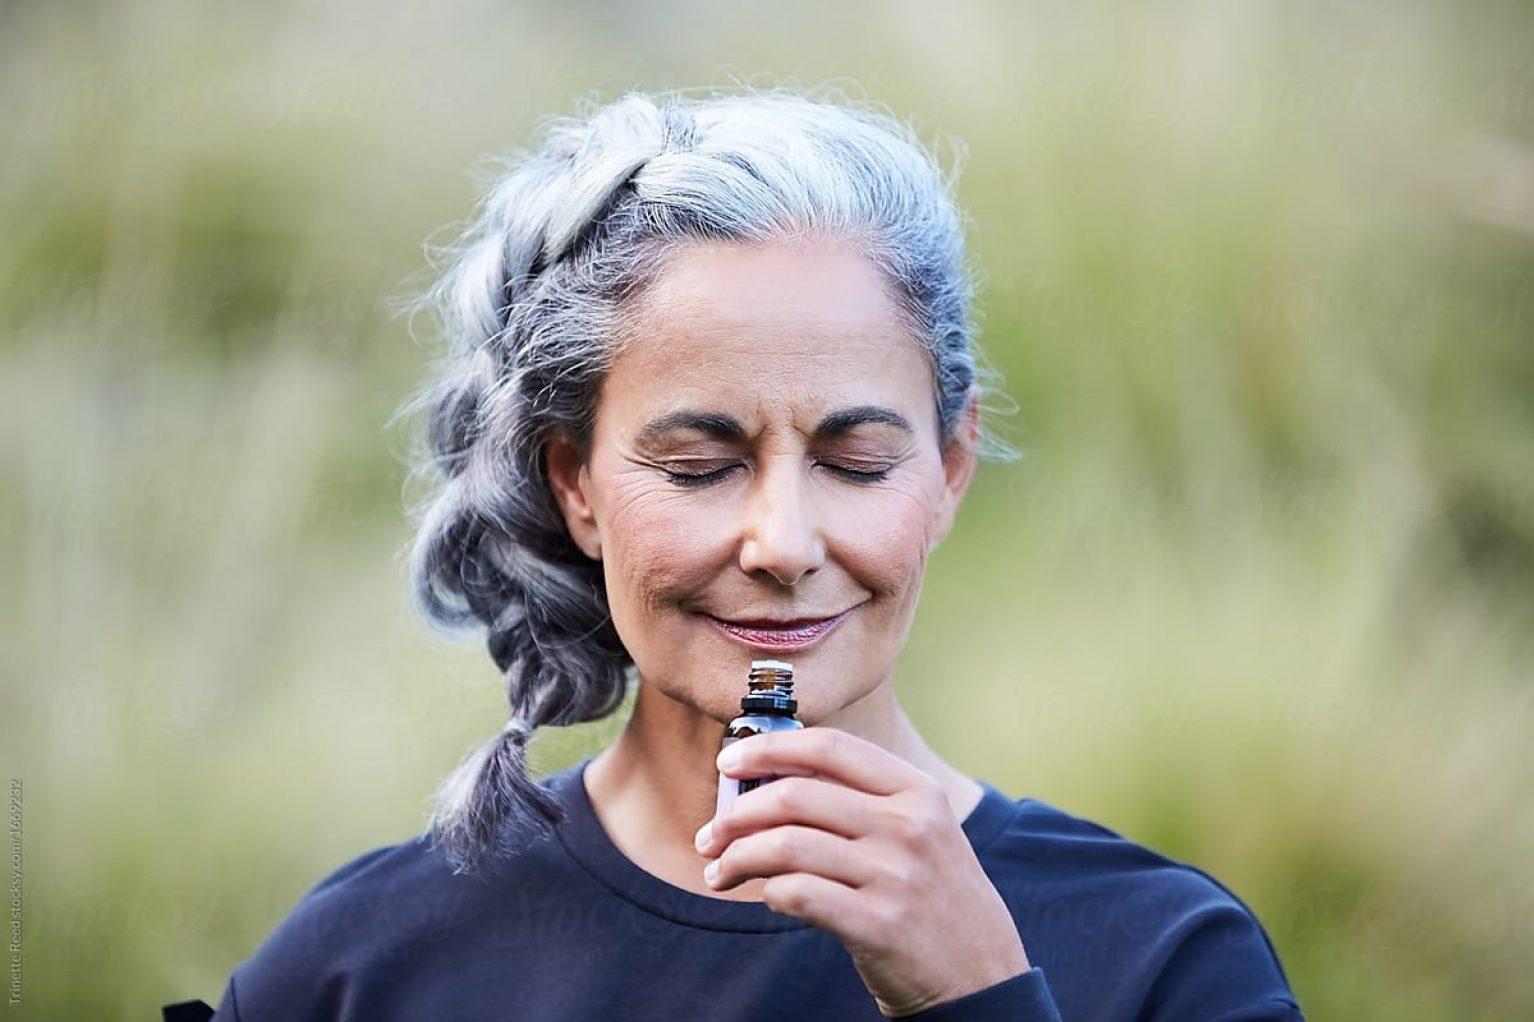 Femme cheveux blancs henné